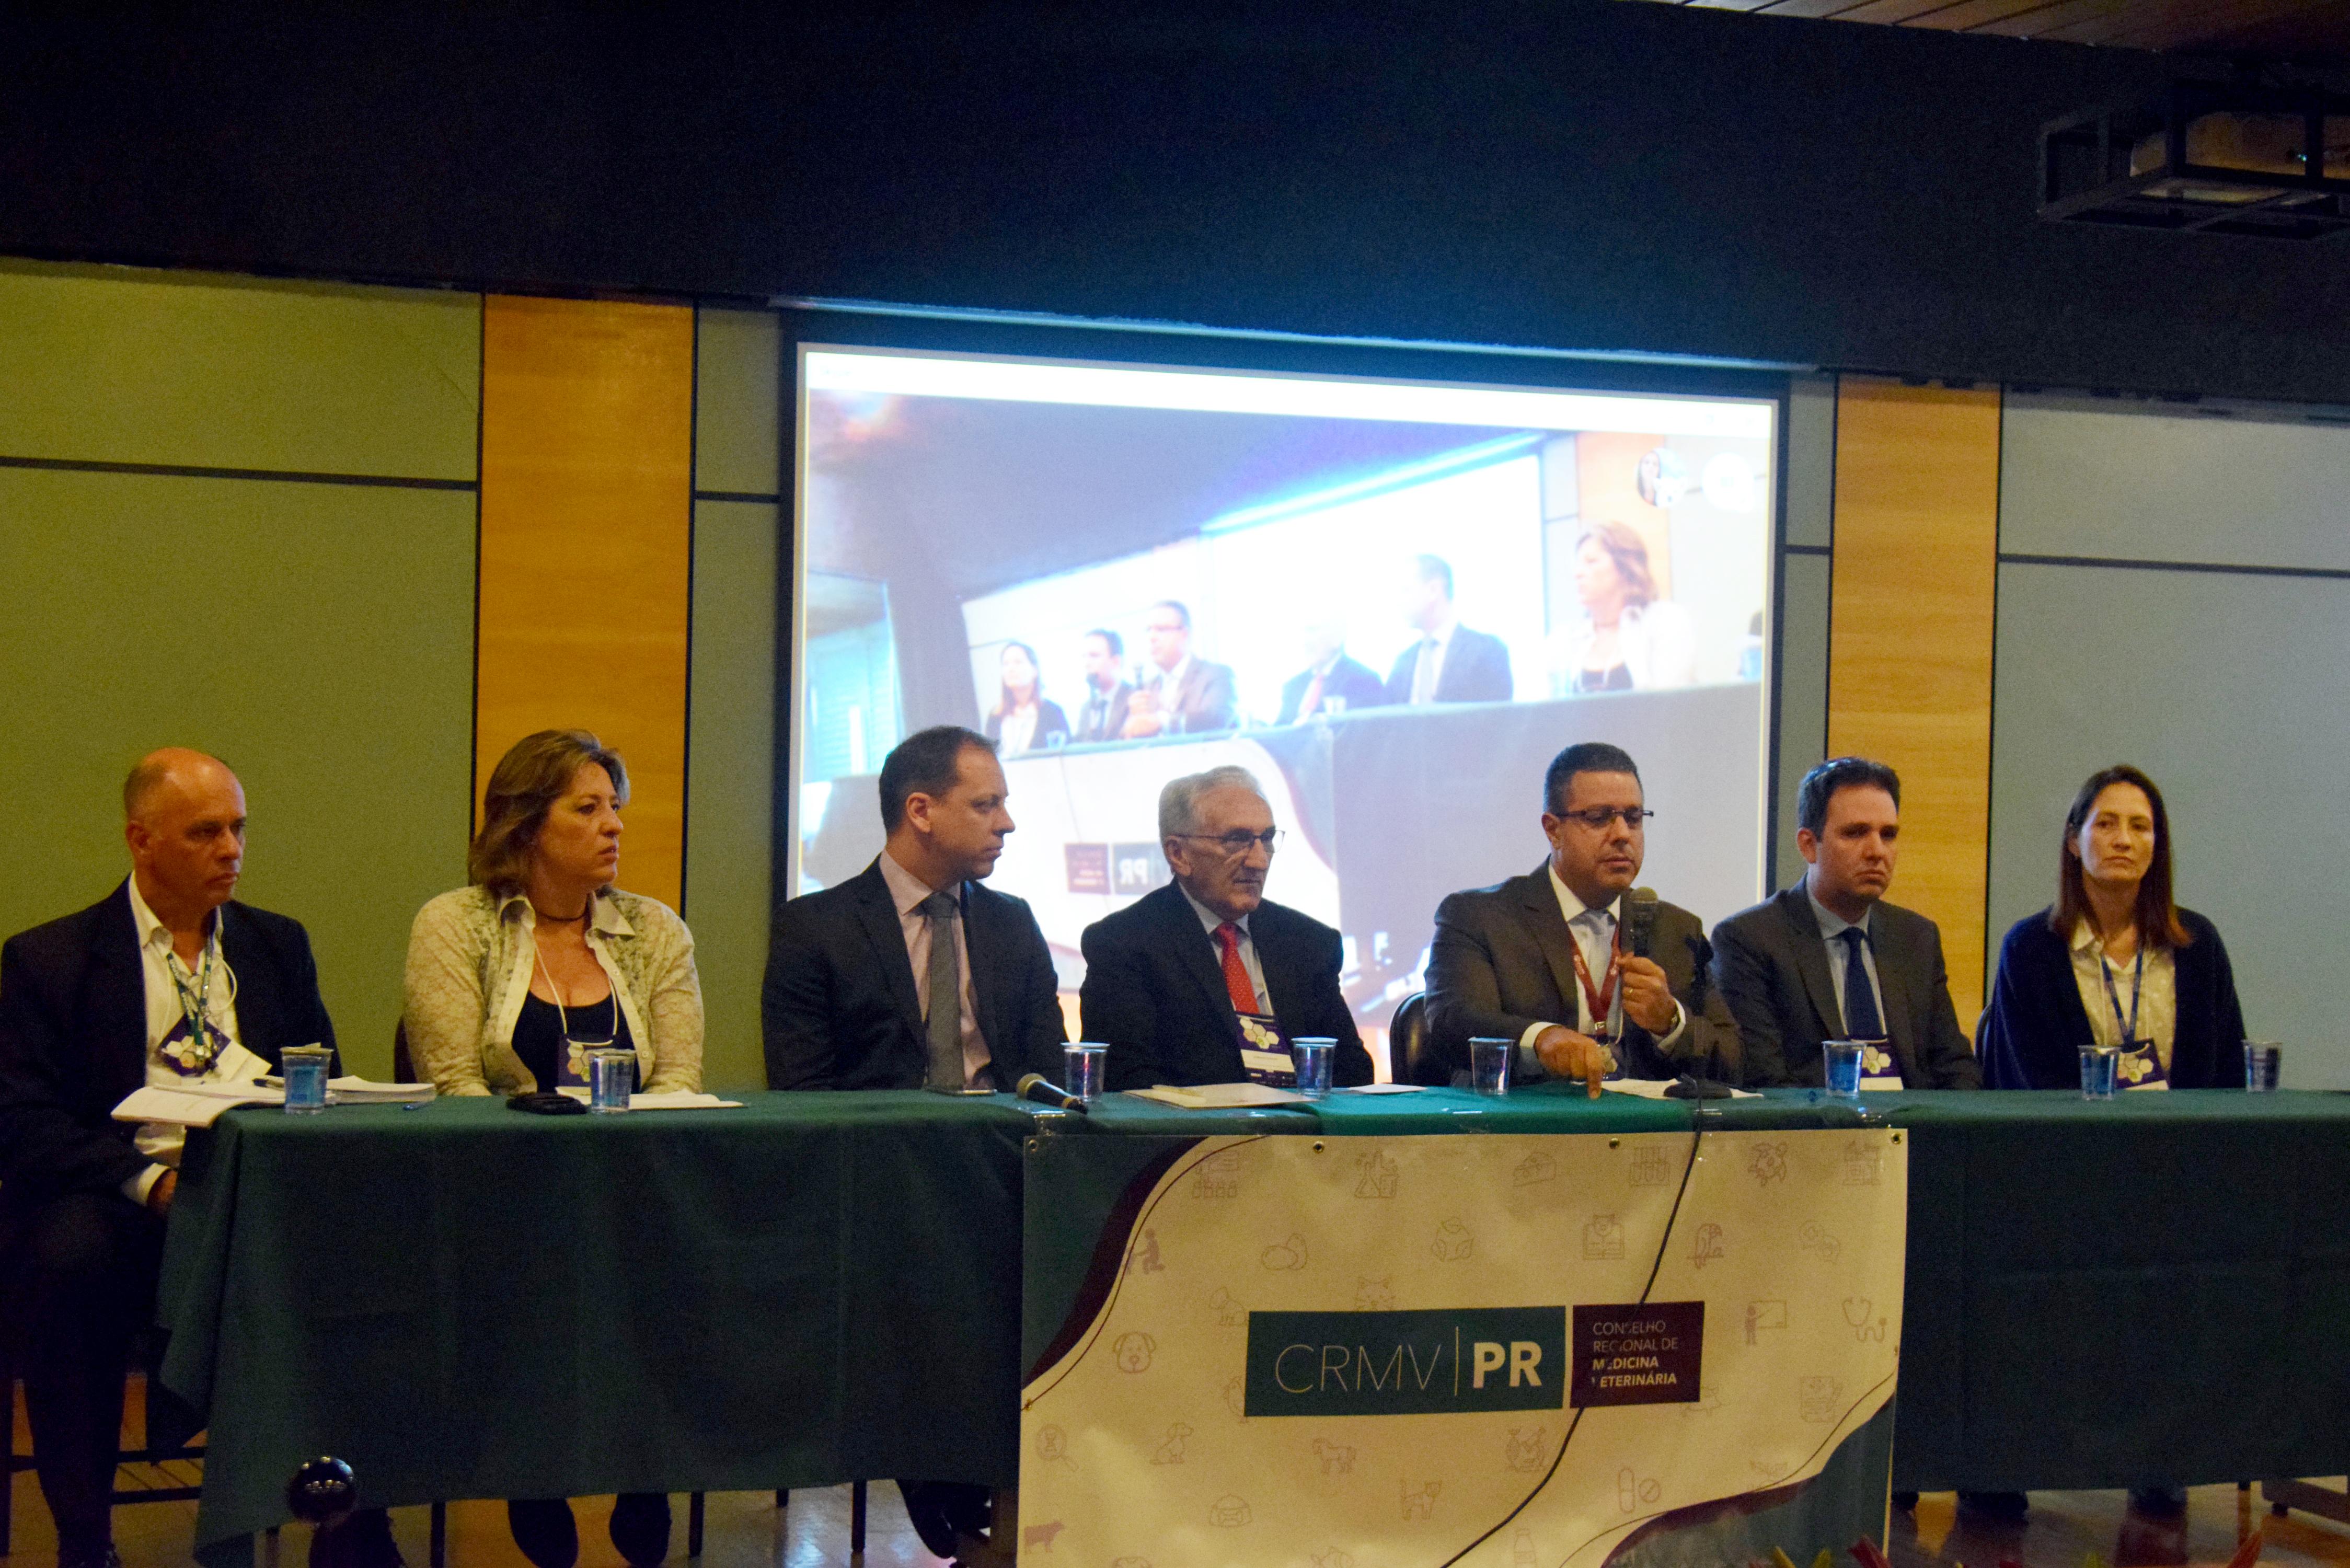 Evento reúne especialistas das mais importantes instituições de saúde animal, ambiental e humana do mundo para promover a colaboração multisetorial e multiprofissional no contexto de Saúde Única